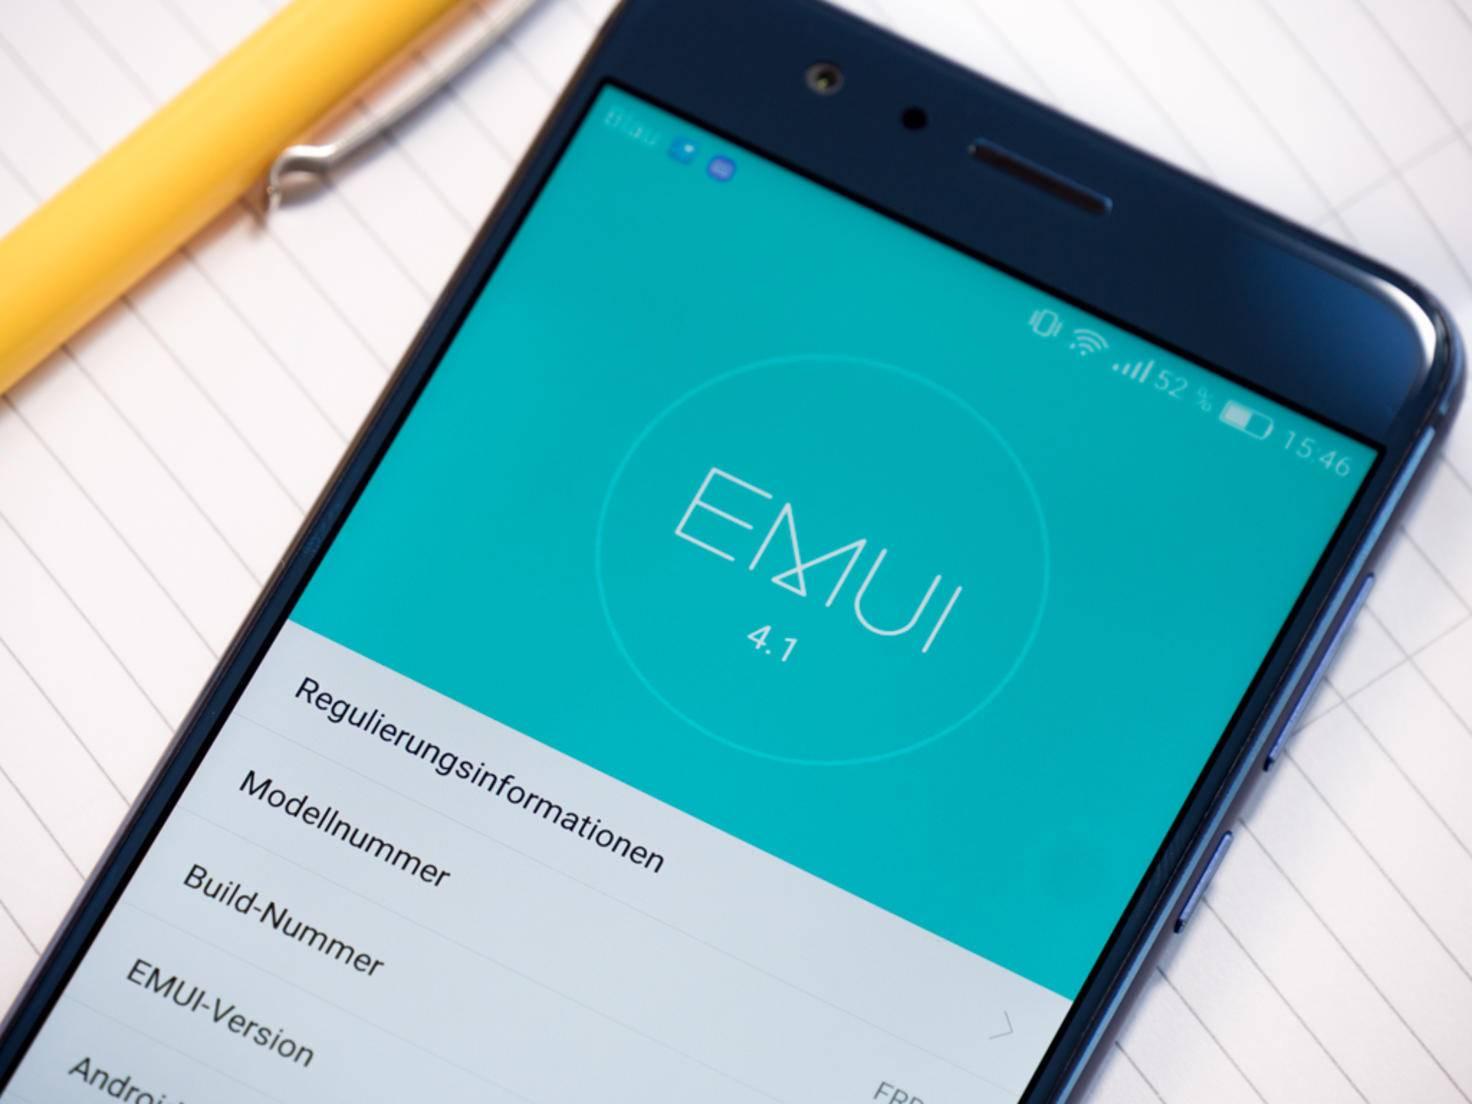 Der Hersteller setzt auf die Nutzeroberfläche EMUI 4.1.